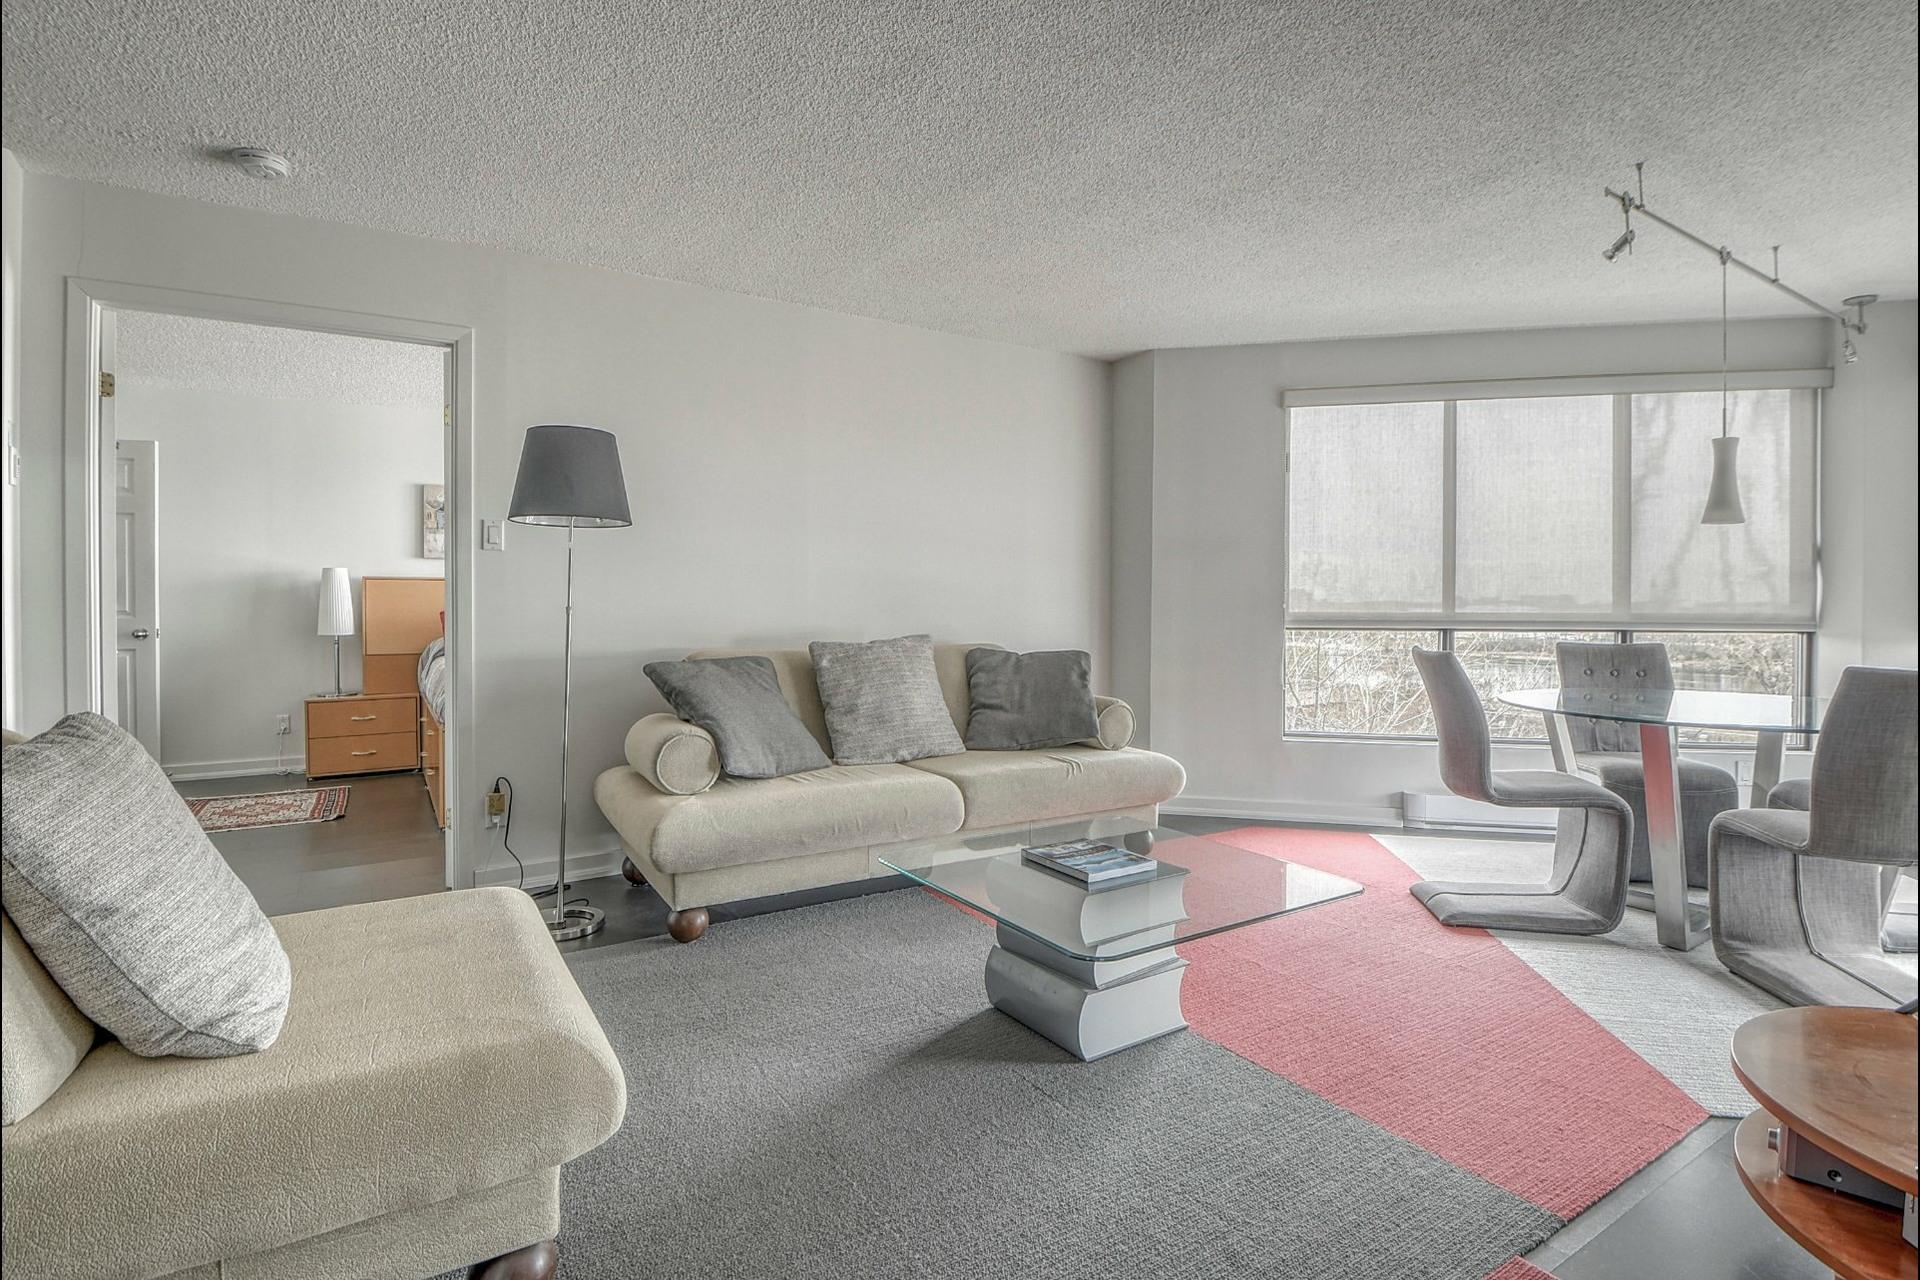 image 4 - Appartement À vendre Verdun/Île-des-Soeurs Montréal  - 4 pièces